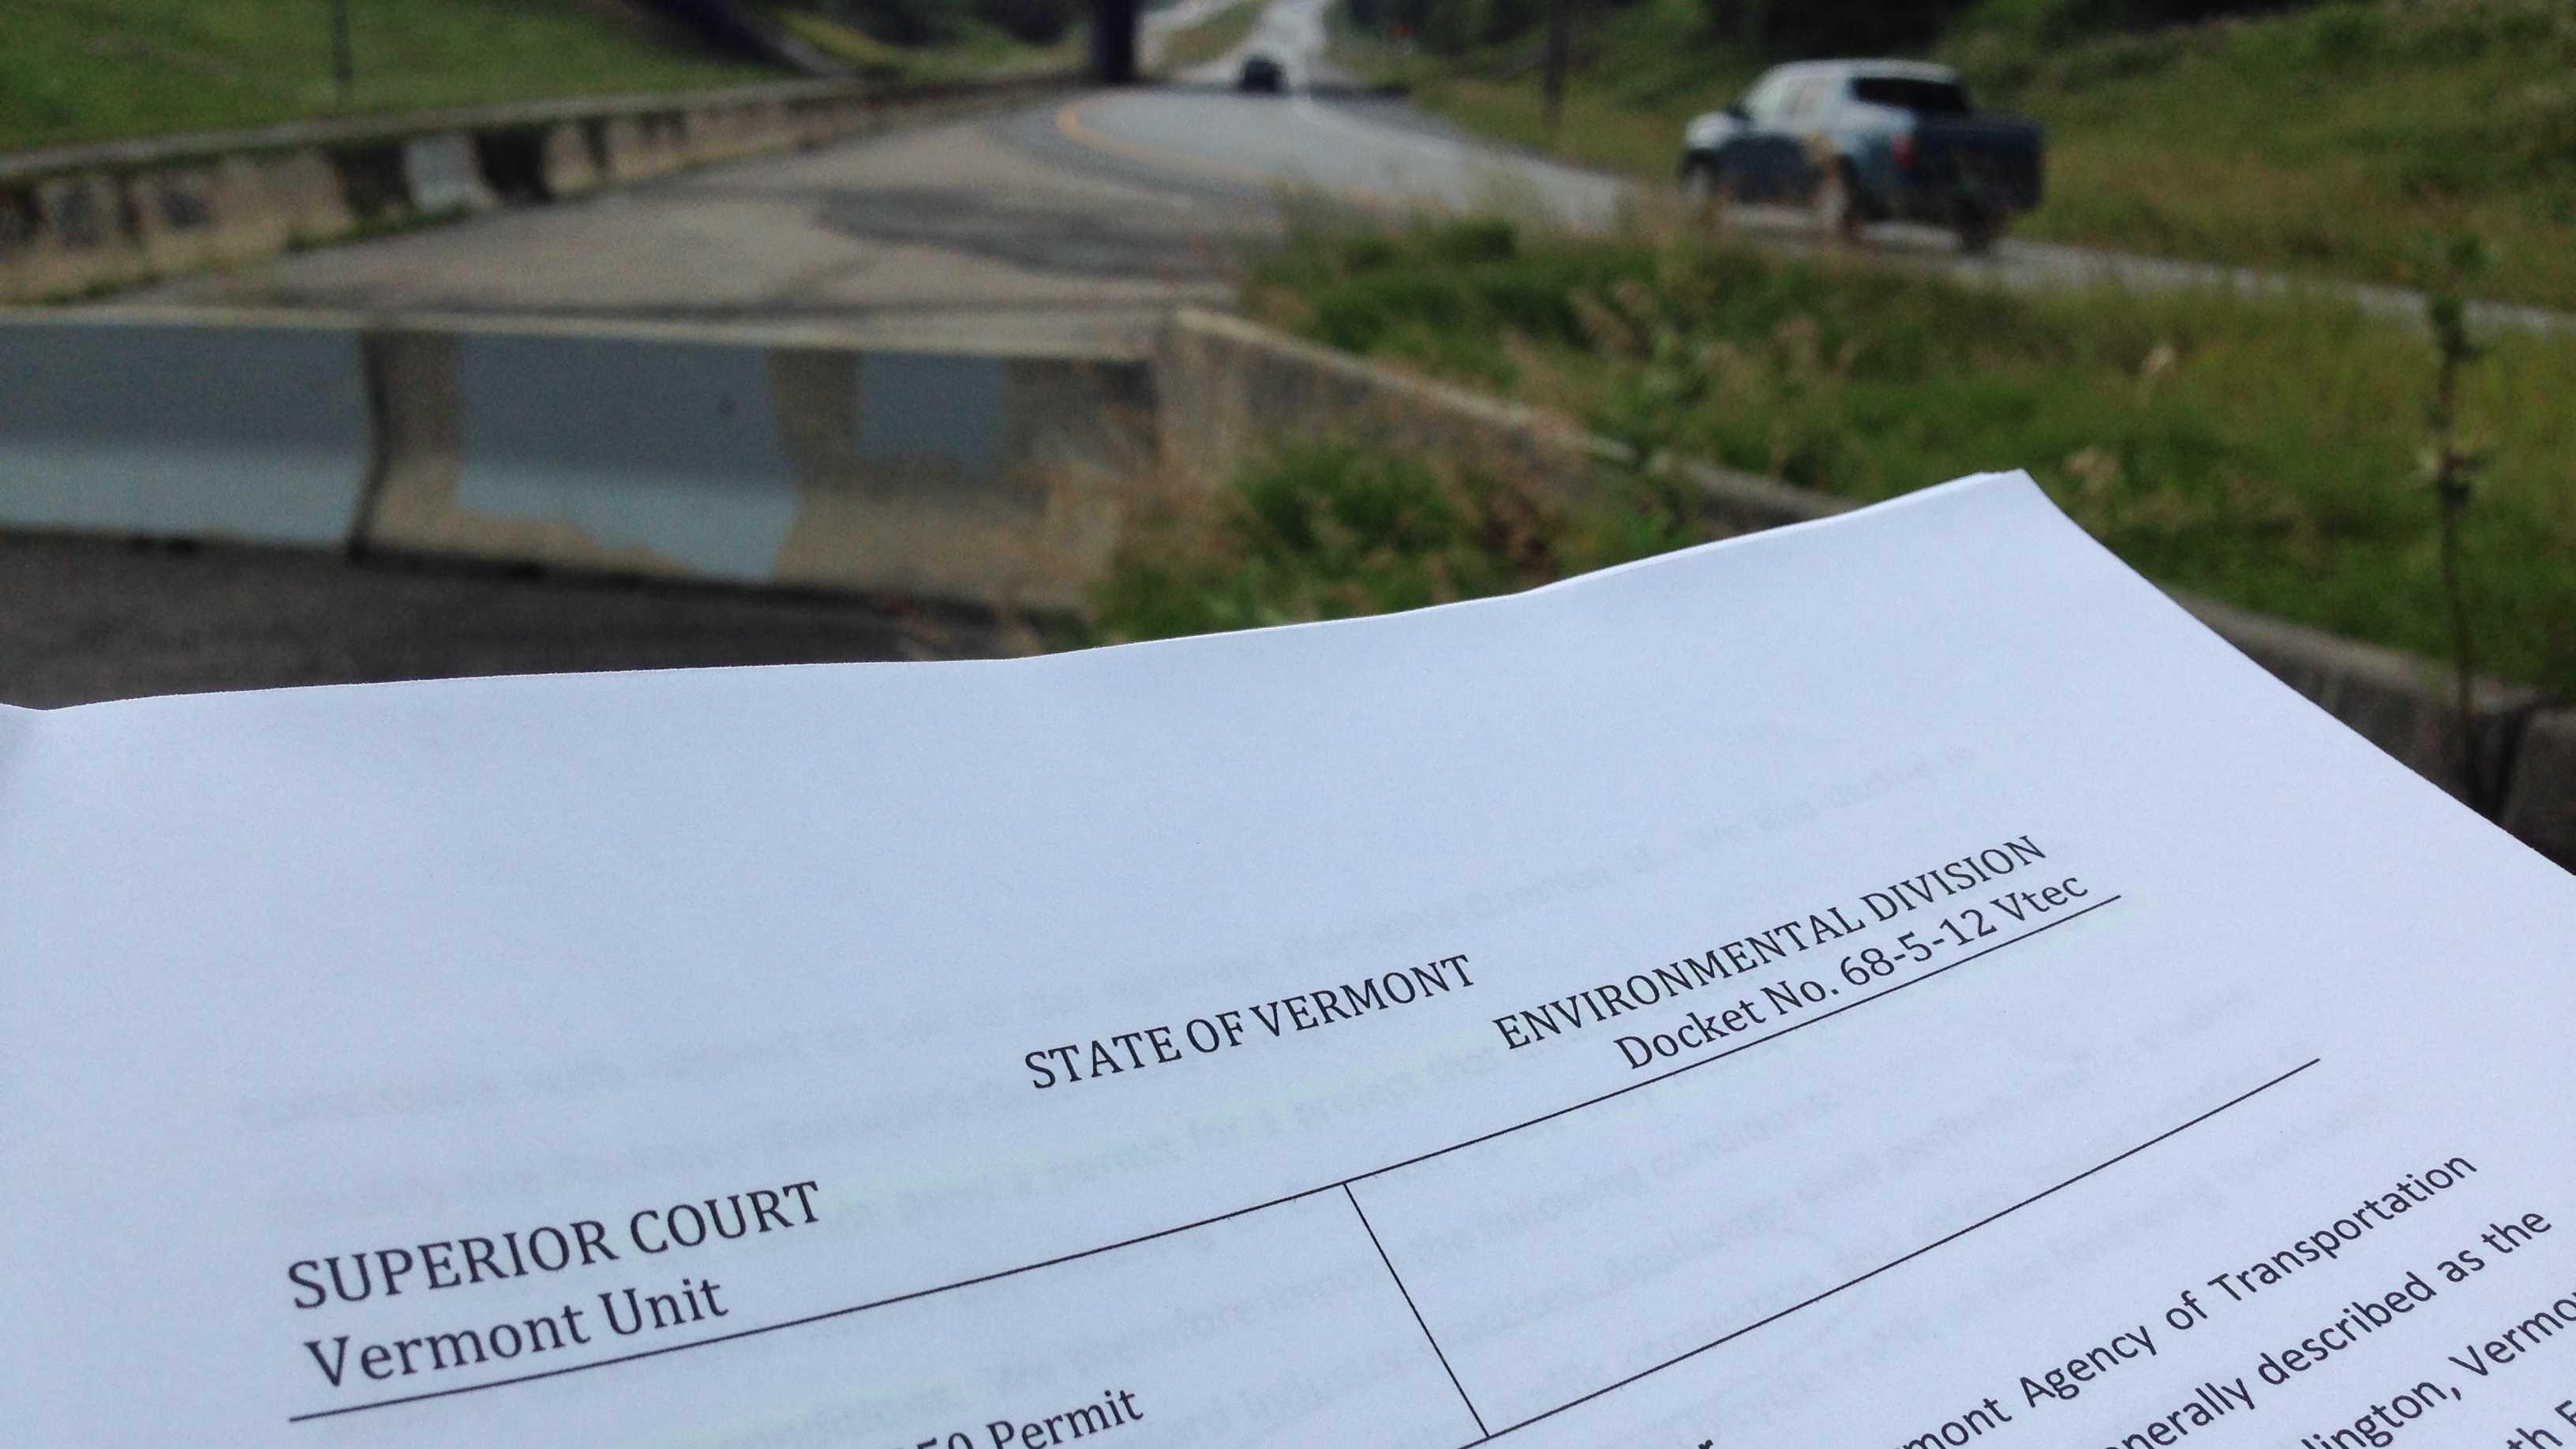 Champlain Parkway decision 07-31-14